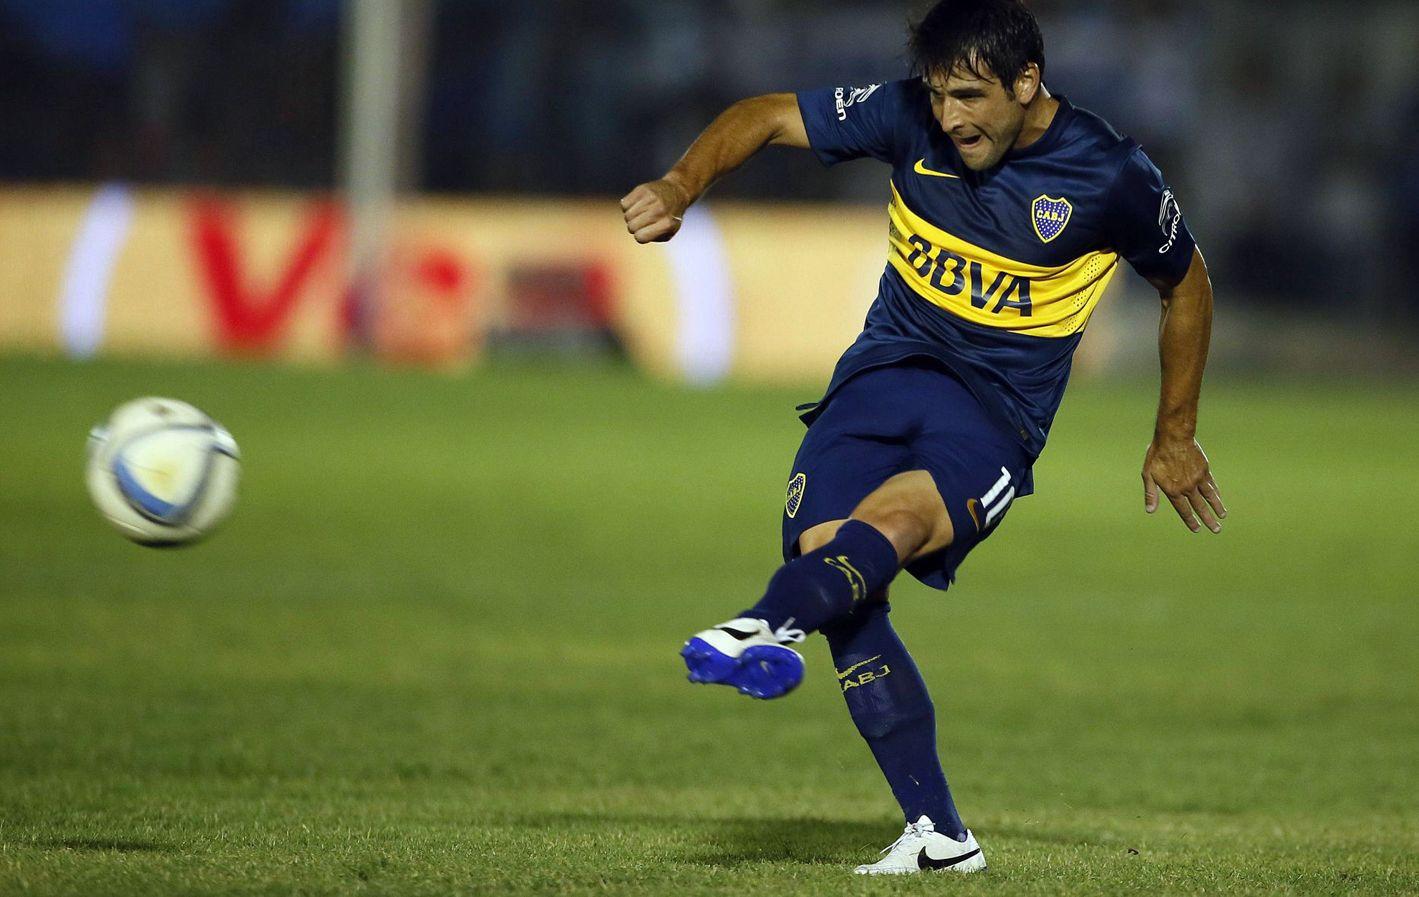 Adentro. El uruguayo Lodeiro estará entre los titulares ante Sarmiento.